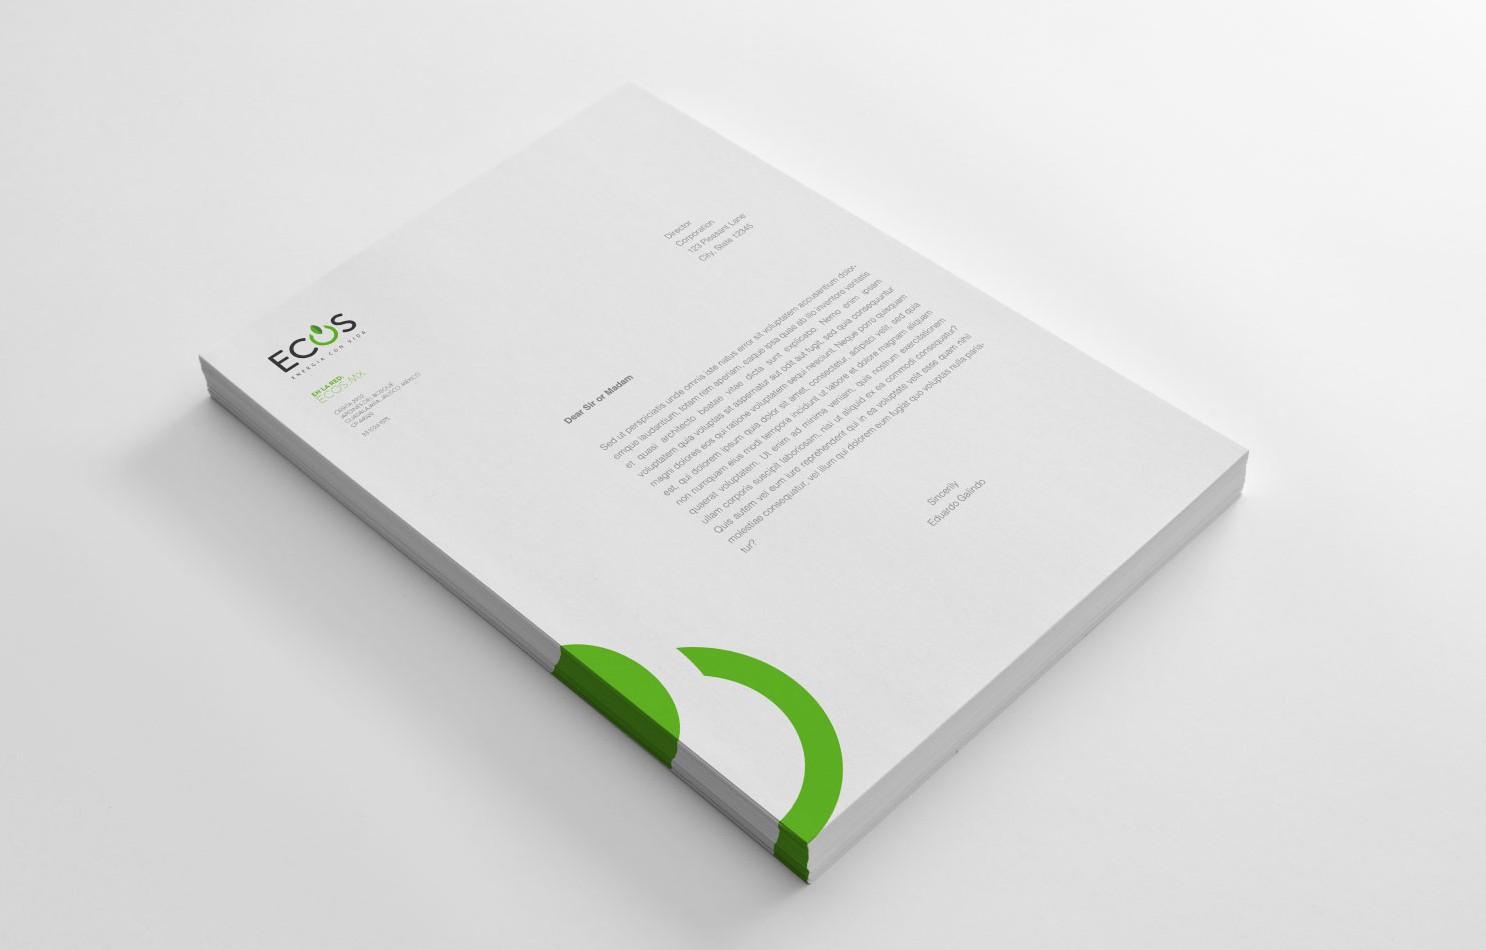 identidad-corporativa-logotipo-en-hoja-membretada-ecos